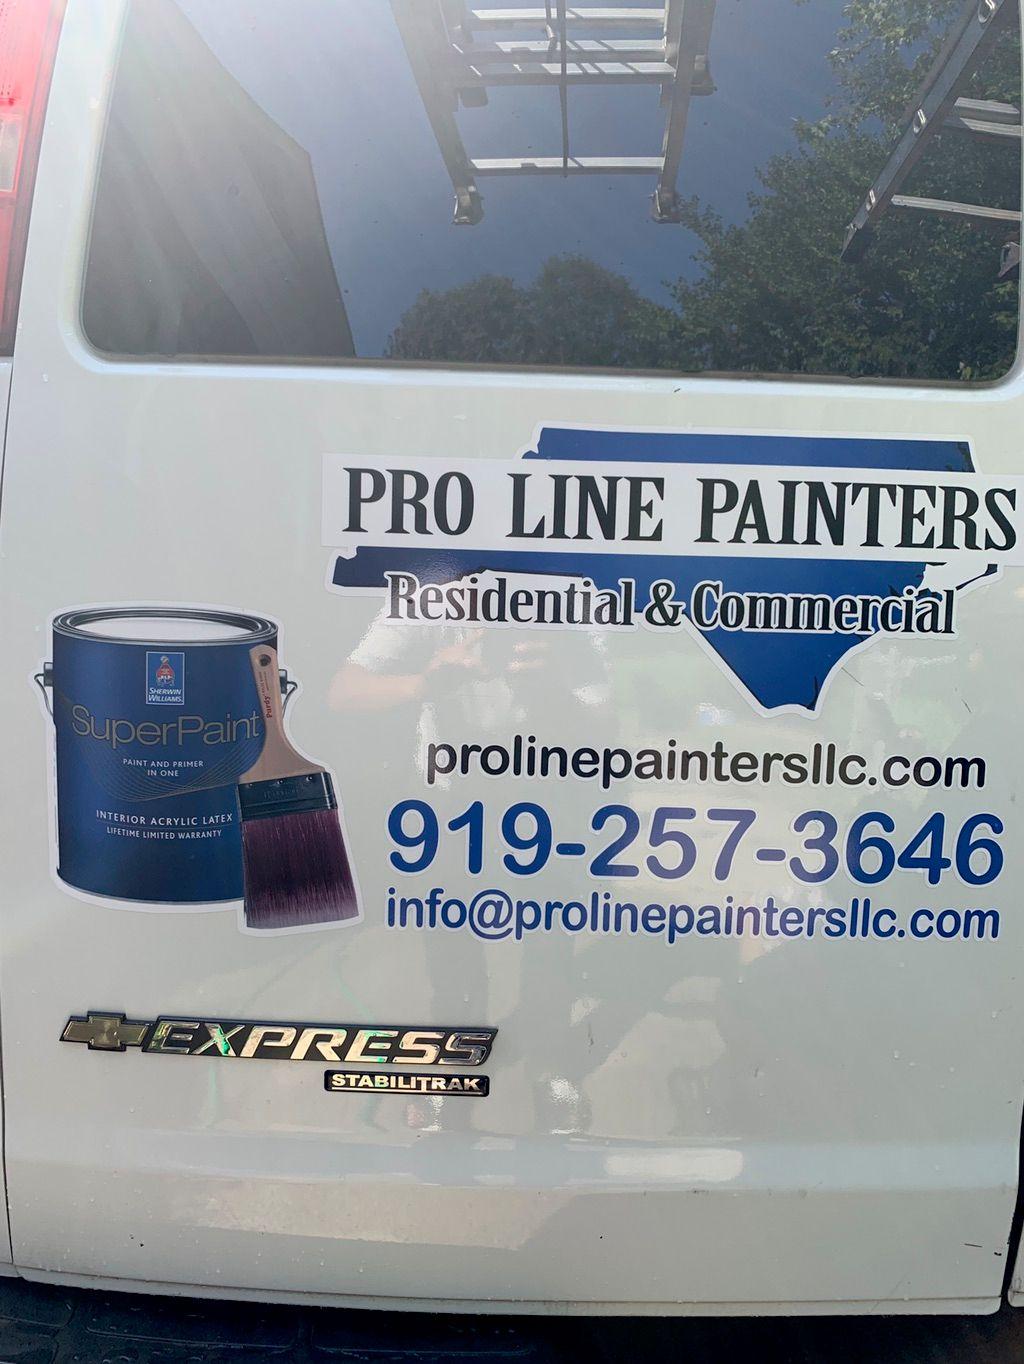 Pro Line Painters LLC.